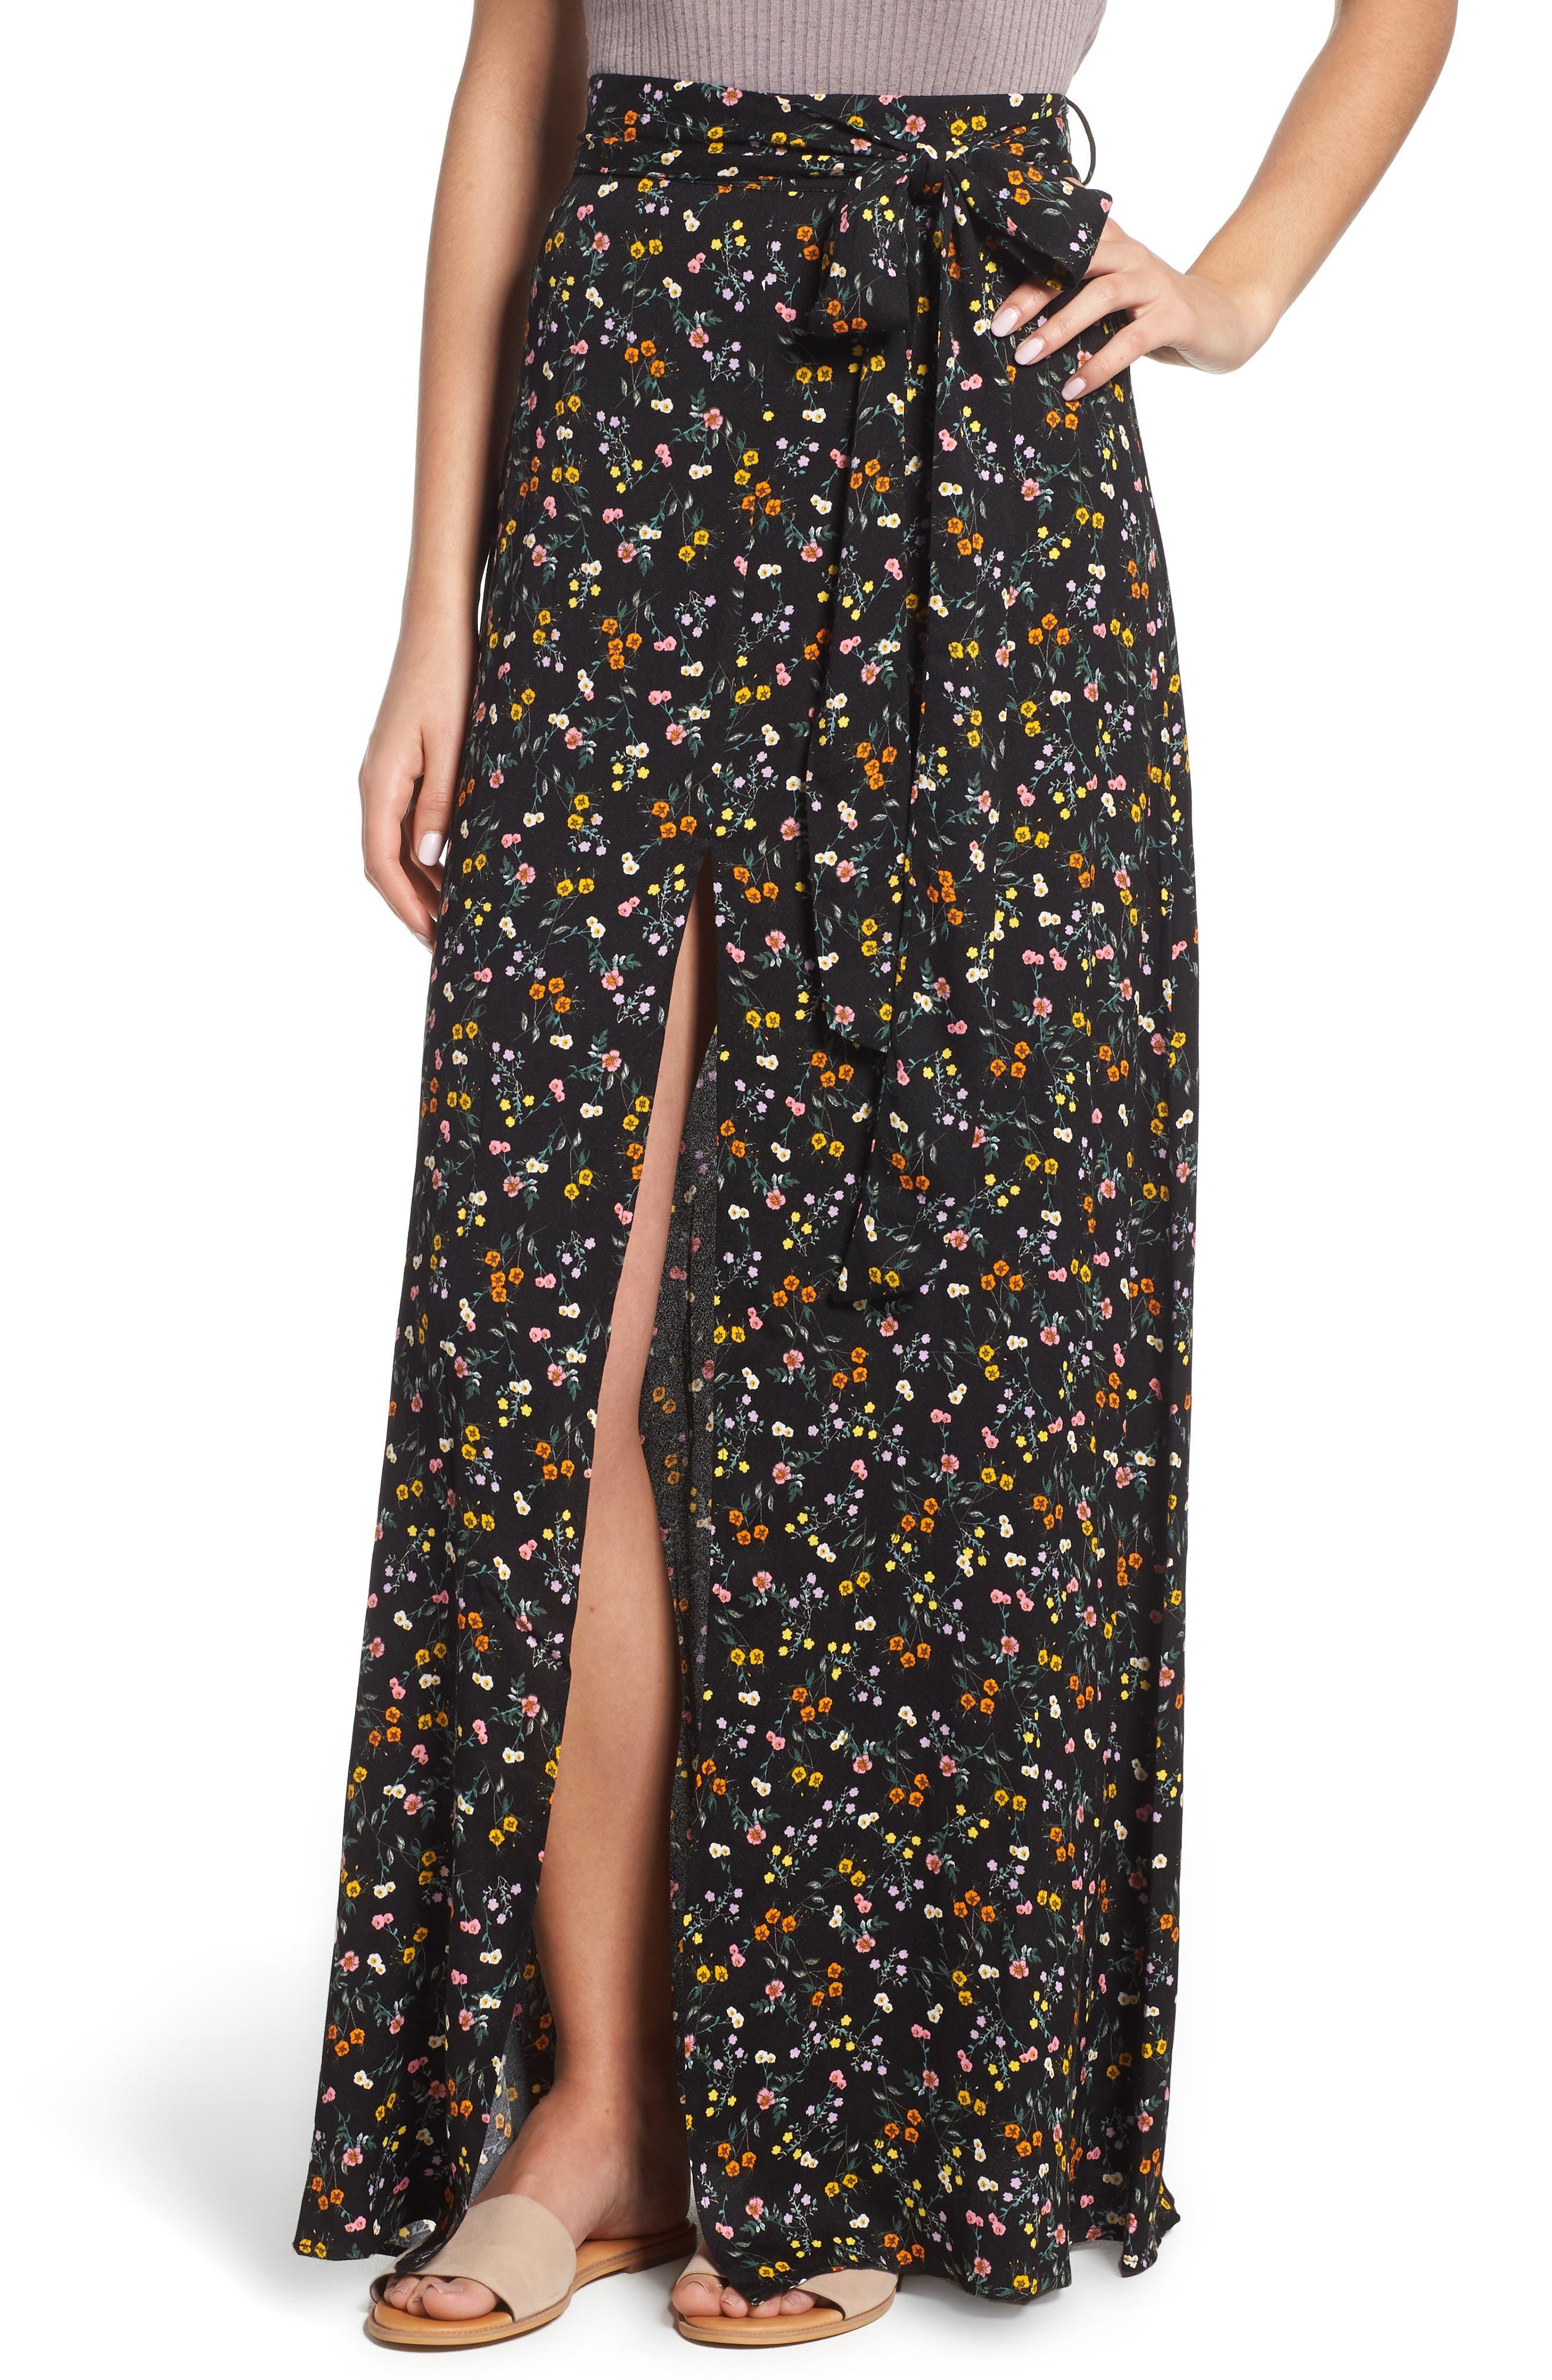 Alessandra Maxi Skirt,                         Main,                         color, Noir Petite Fleur